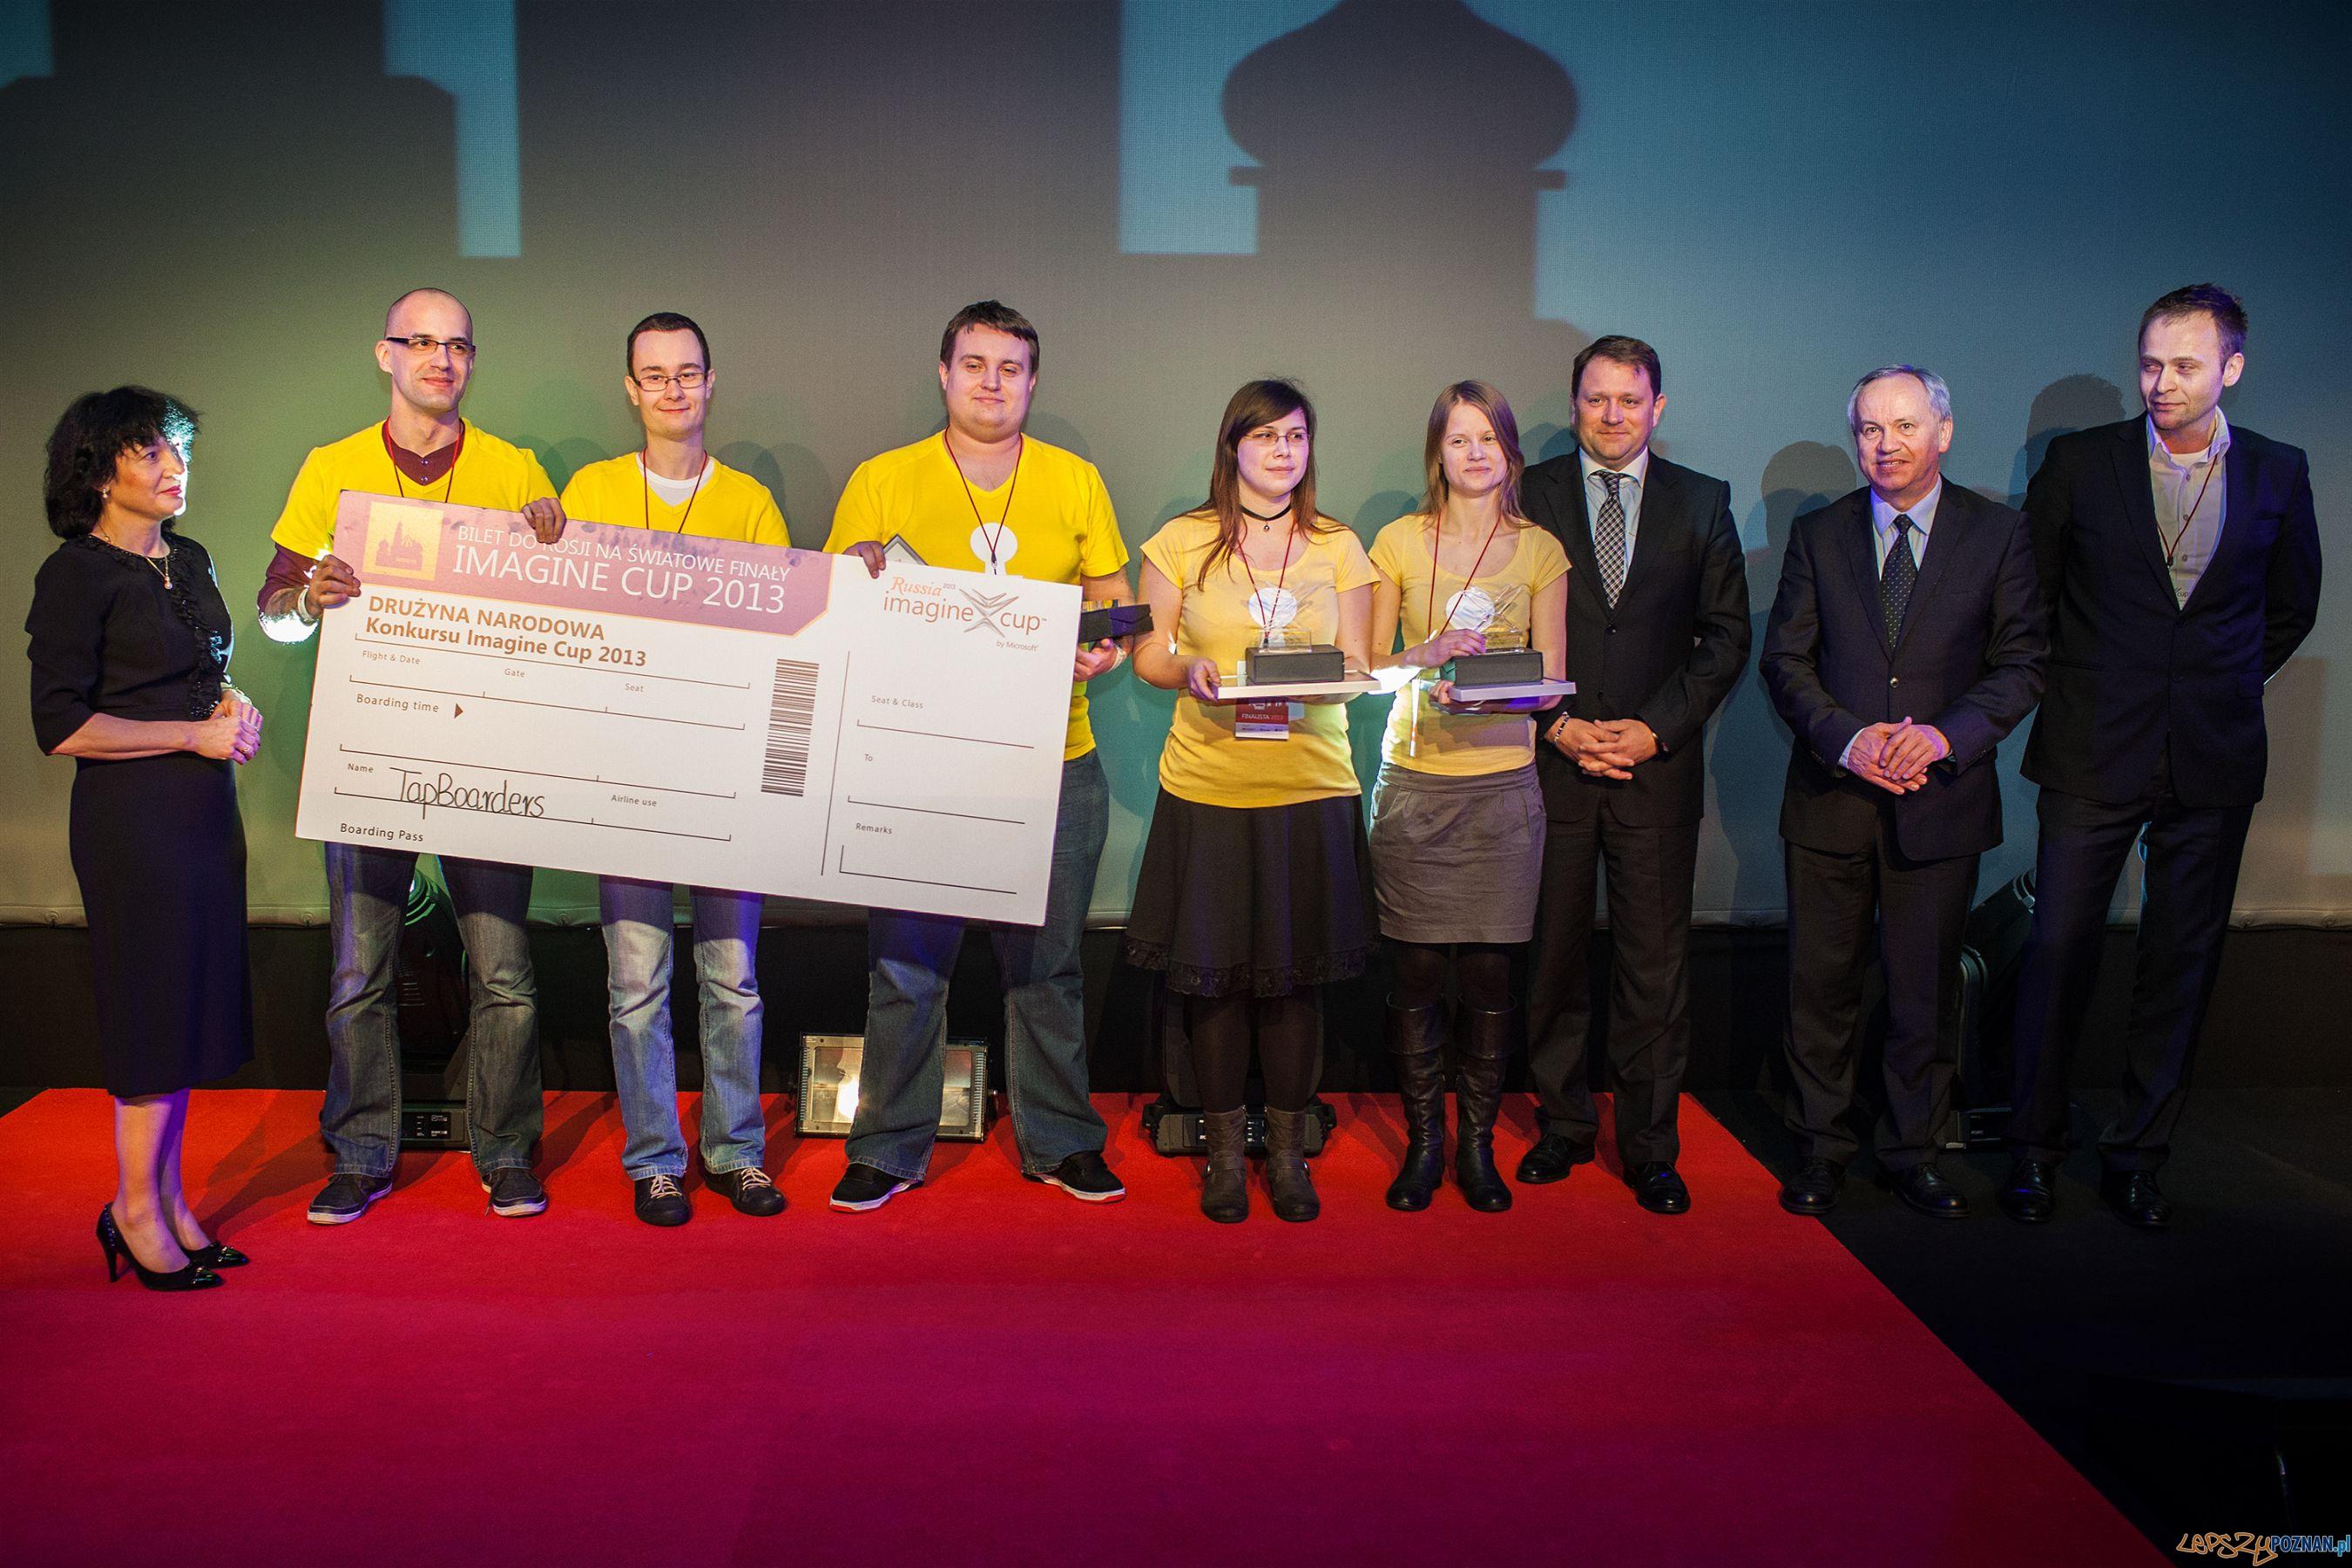 Imagine Cup 2013 zespół apBoarders w żółtych koszulkach:  zespół TapBoarders, Minister Dariusz Bogdan, Tadeusz Golonka   Foto: materiały prasowe